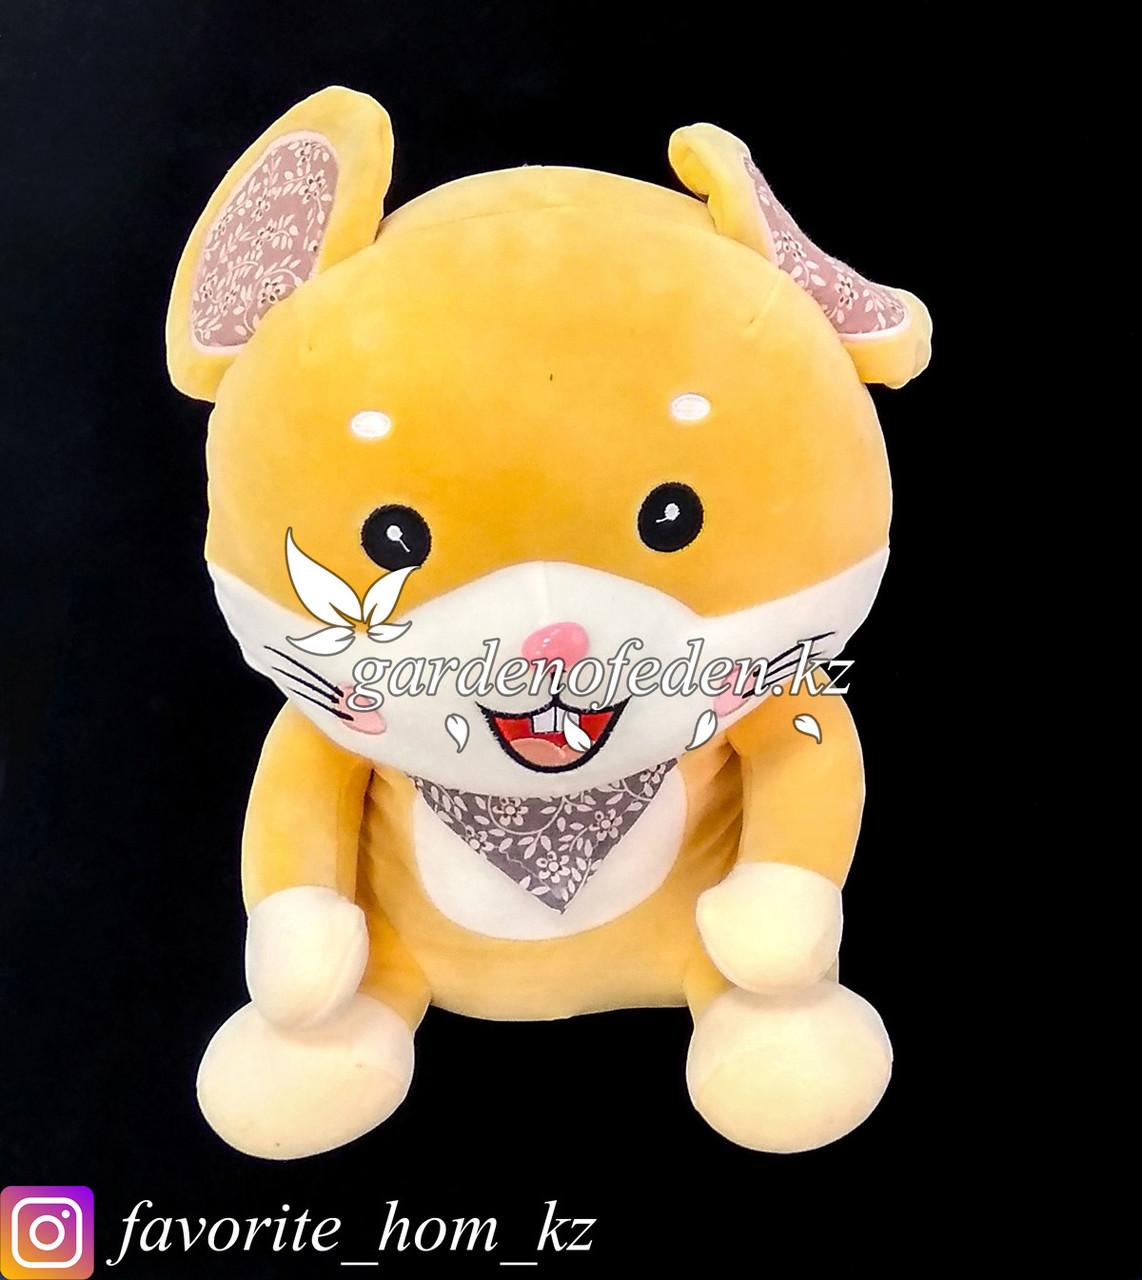 """Мягкая игрушка """"Мышонок"""". Цвет: Желтый и Кремовый. Материал: Бархат/Плюш."""